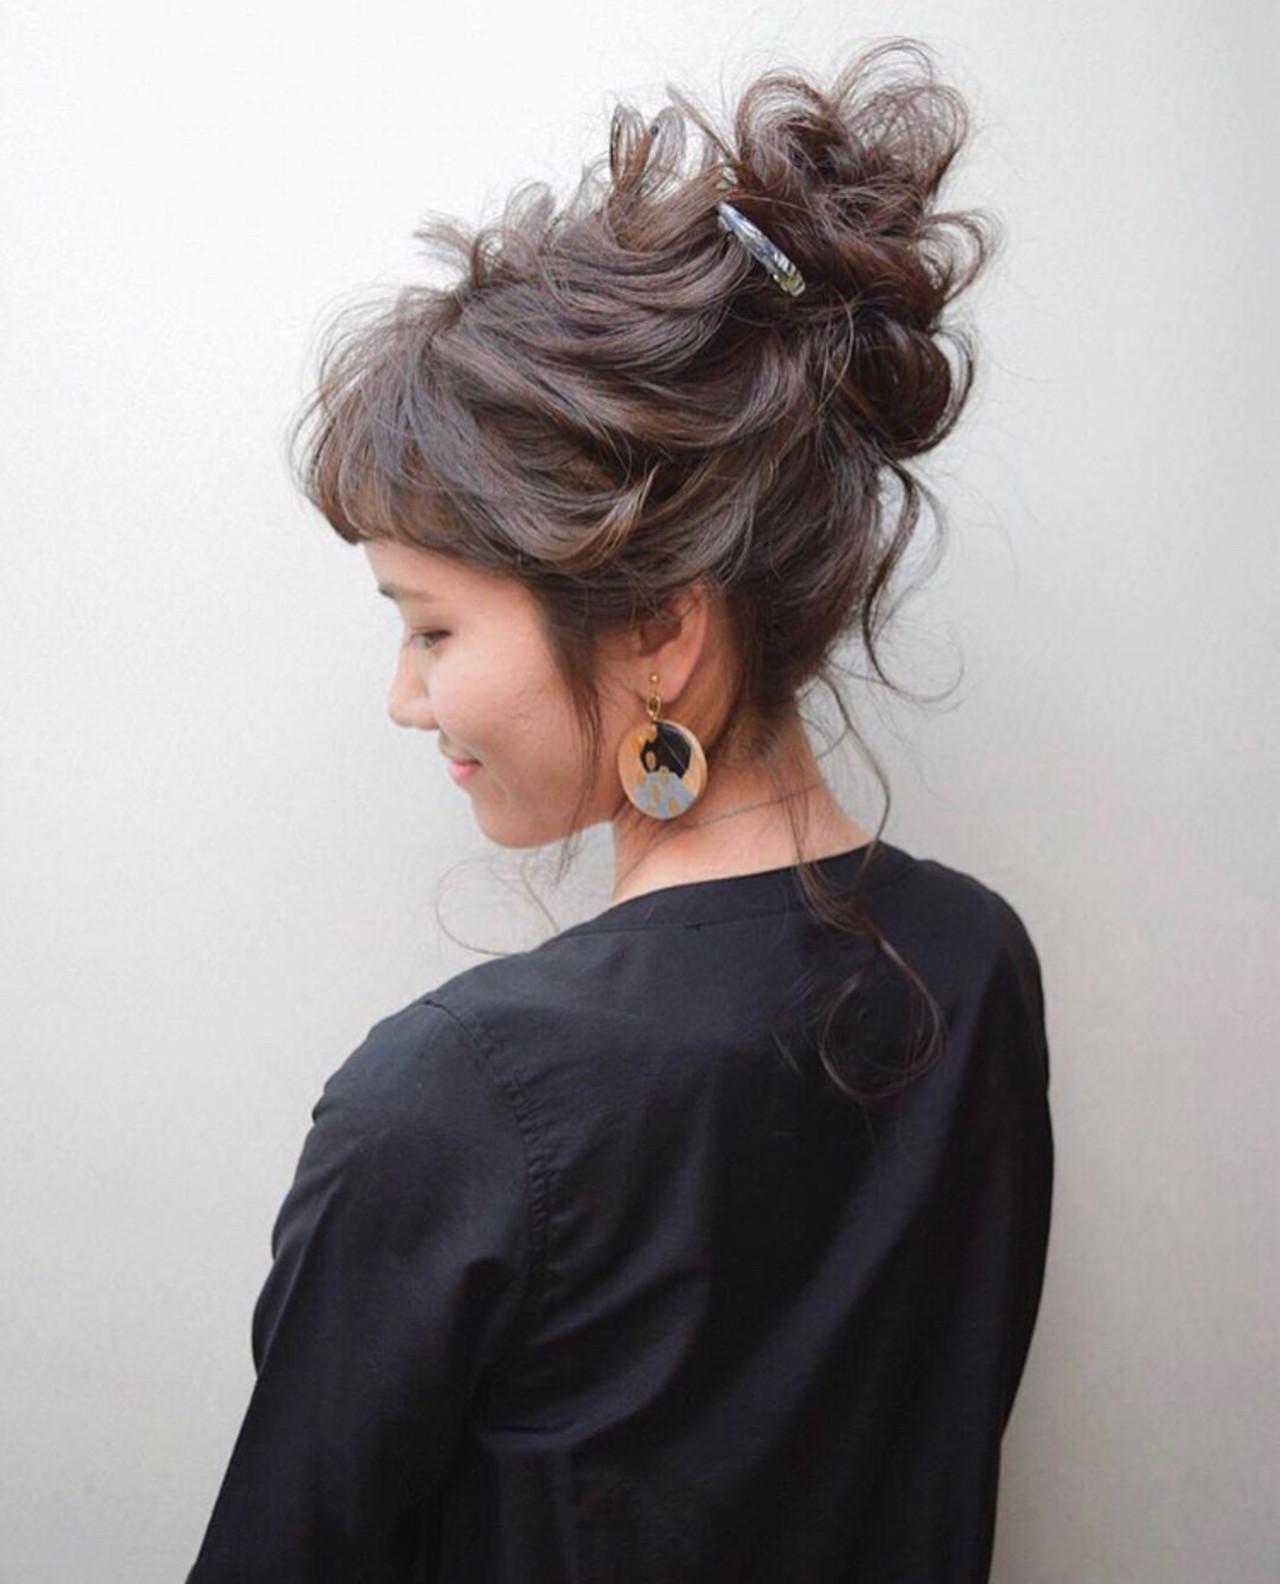 結婚式 簡単ヘアアレンジ ロング 黒髪 ヘアスタイルや髪型の写真・画像 | 三木 奨太 / hair set salon  IRIS